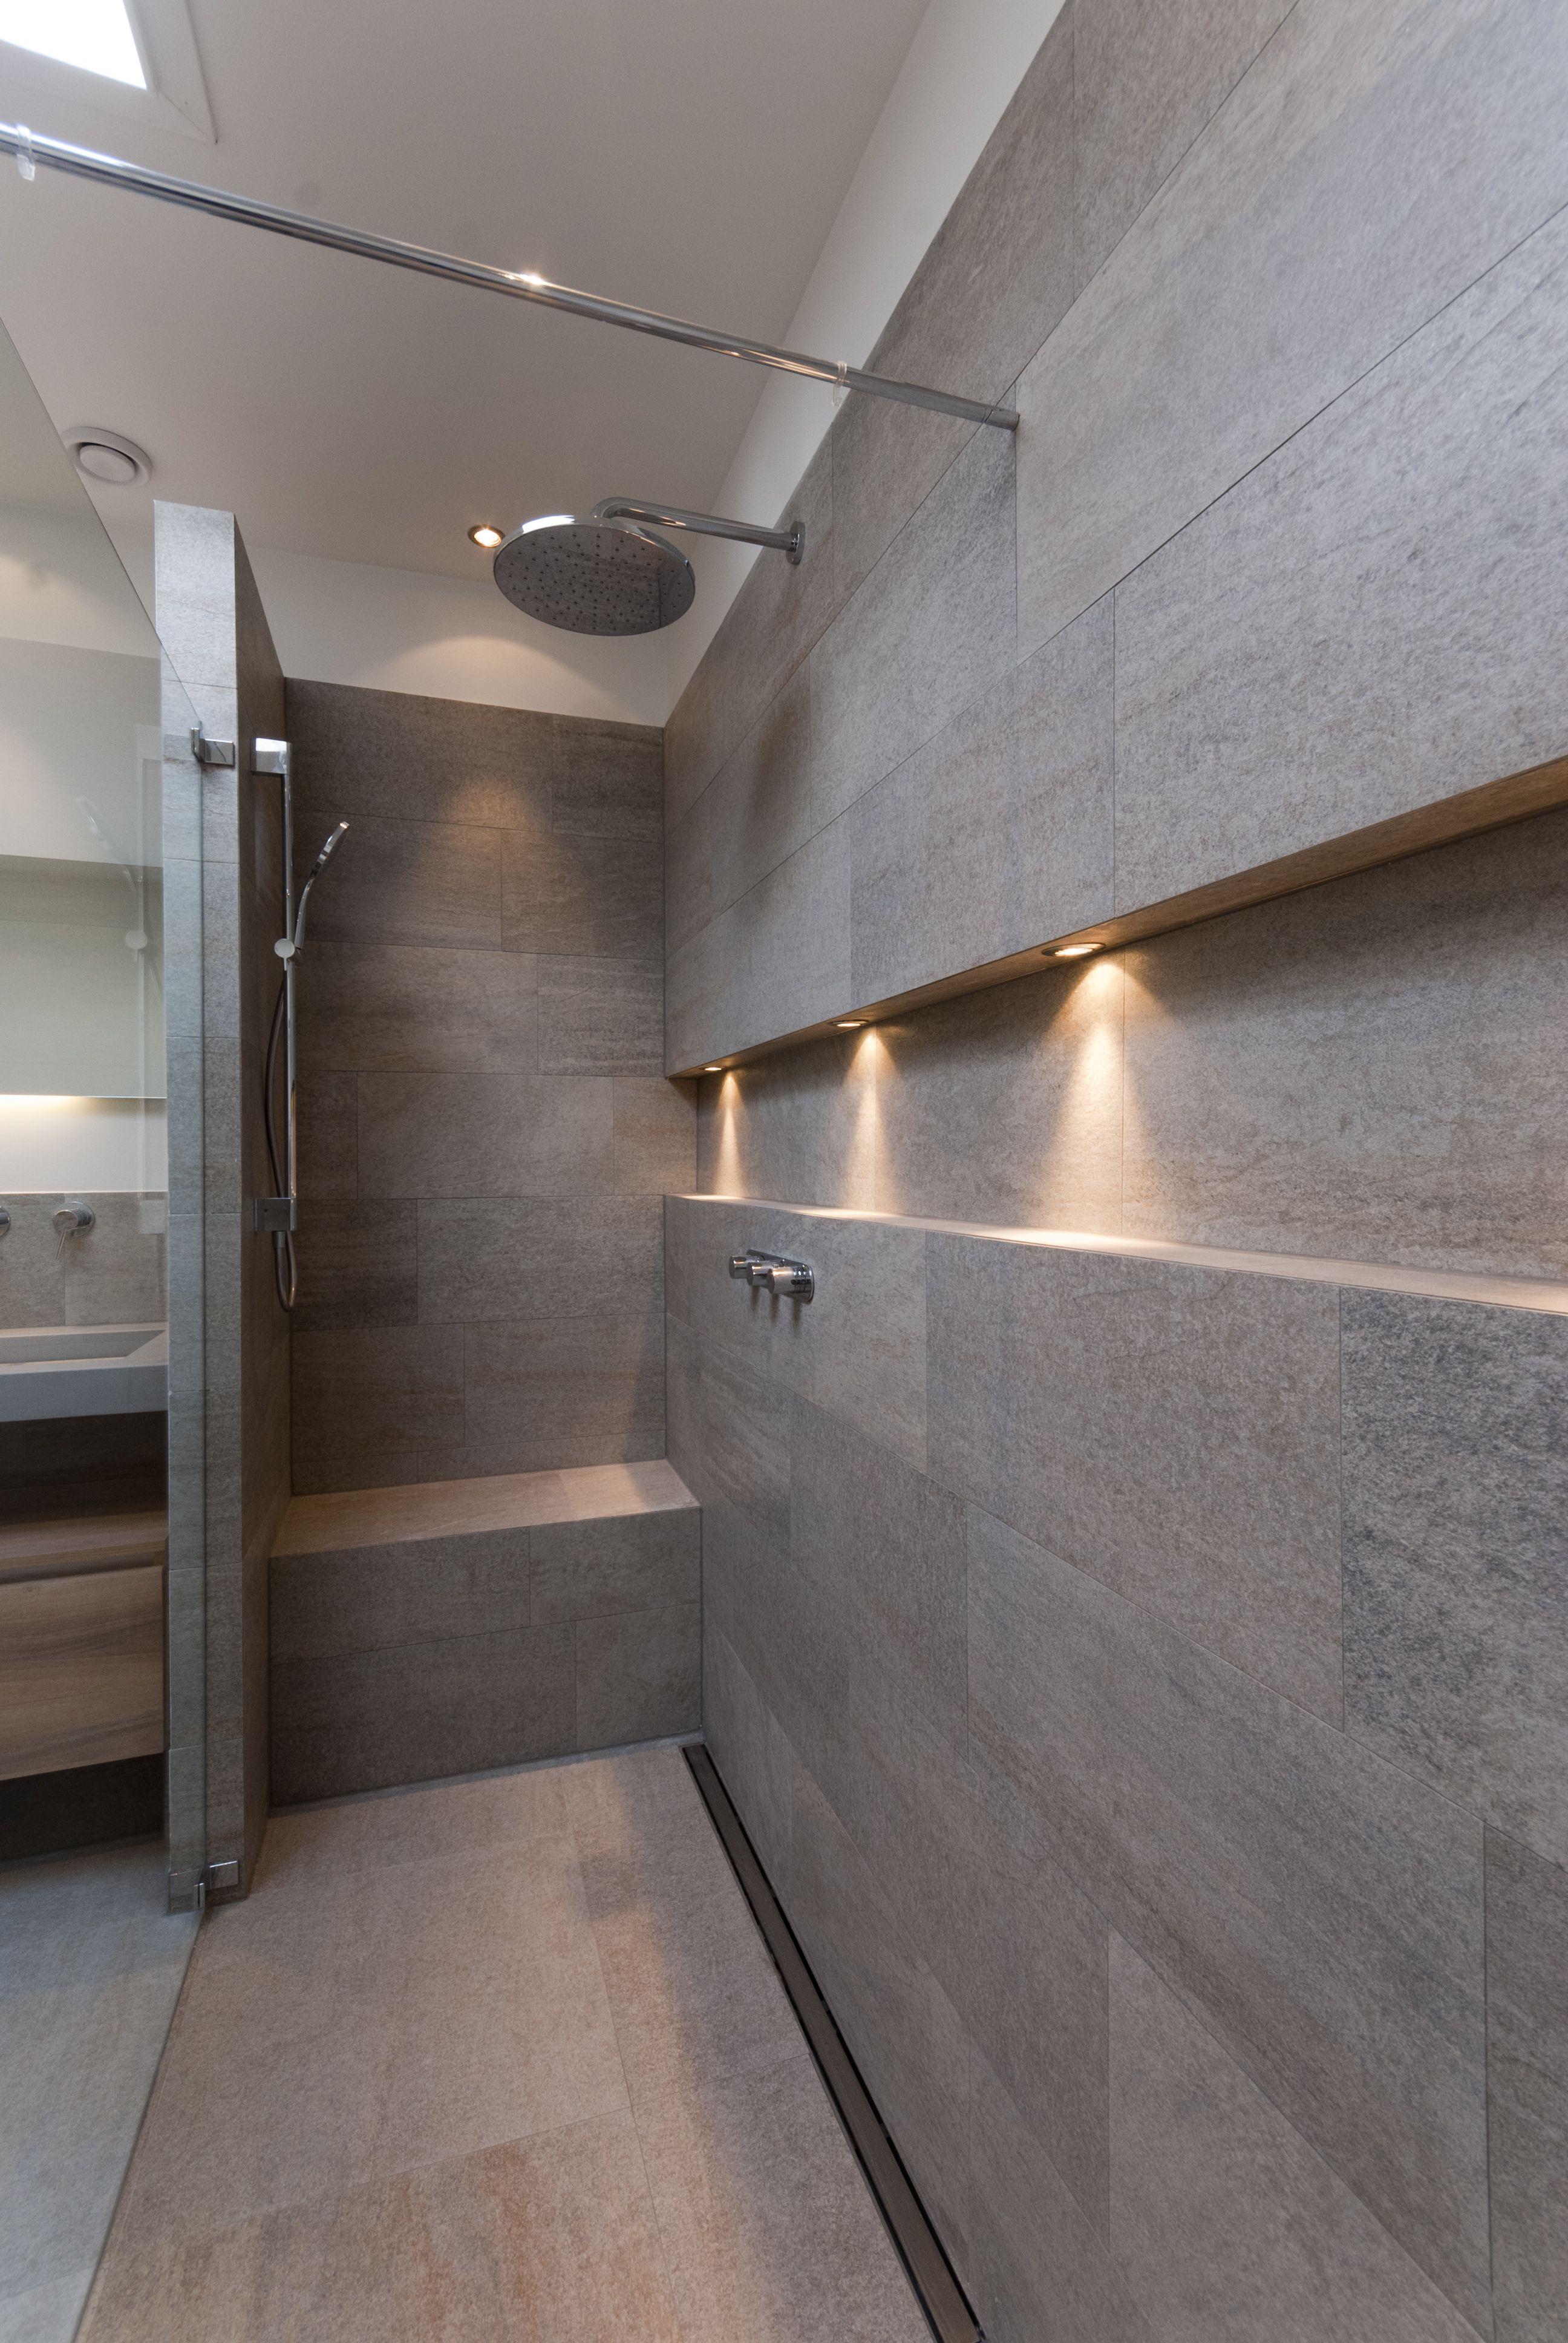 Badezimmer design stand-up-dusche horizontale nis met halogeenspots made by tegelhuis badkamers en